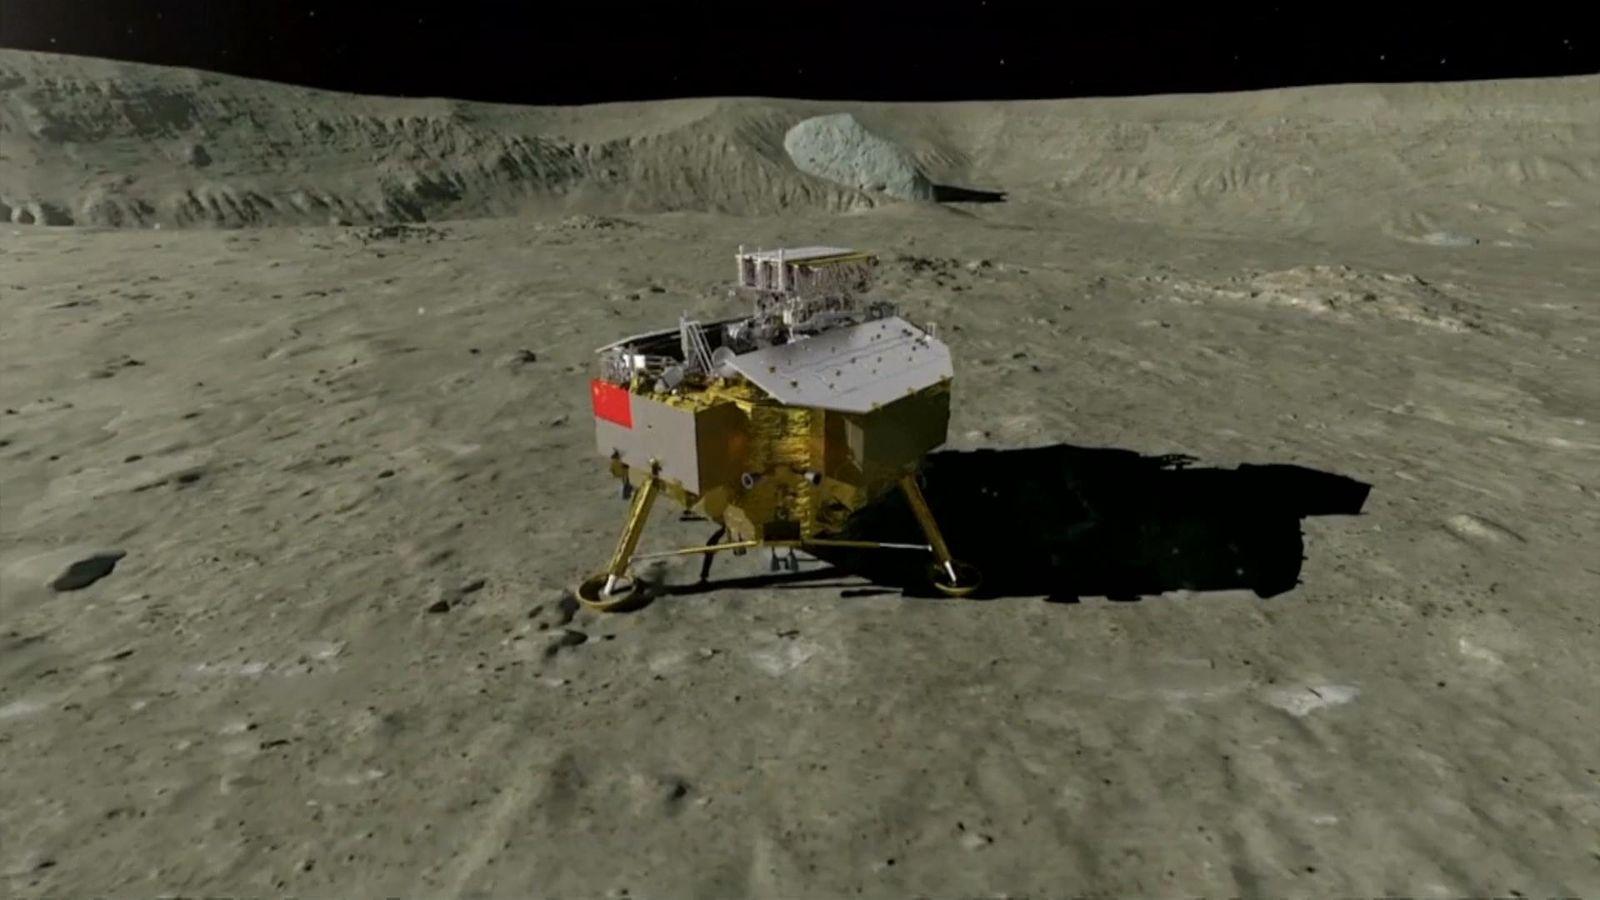 Moon landing date in Sydney